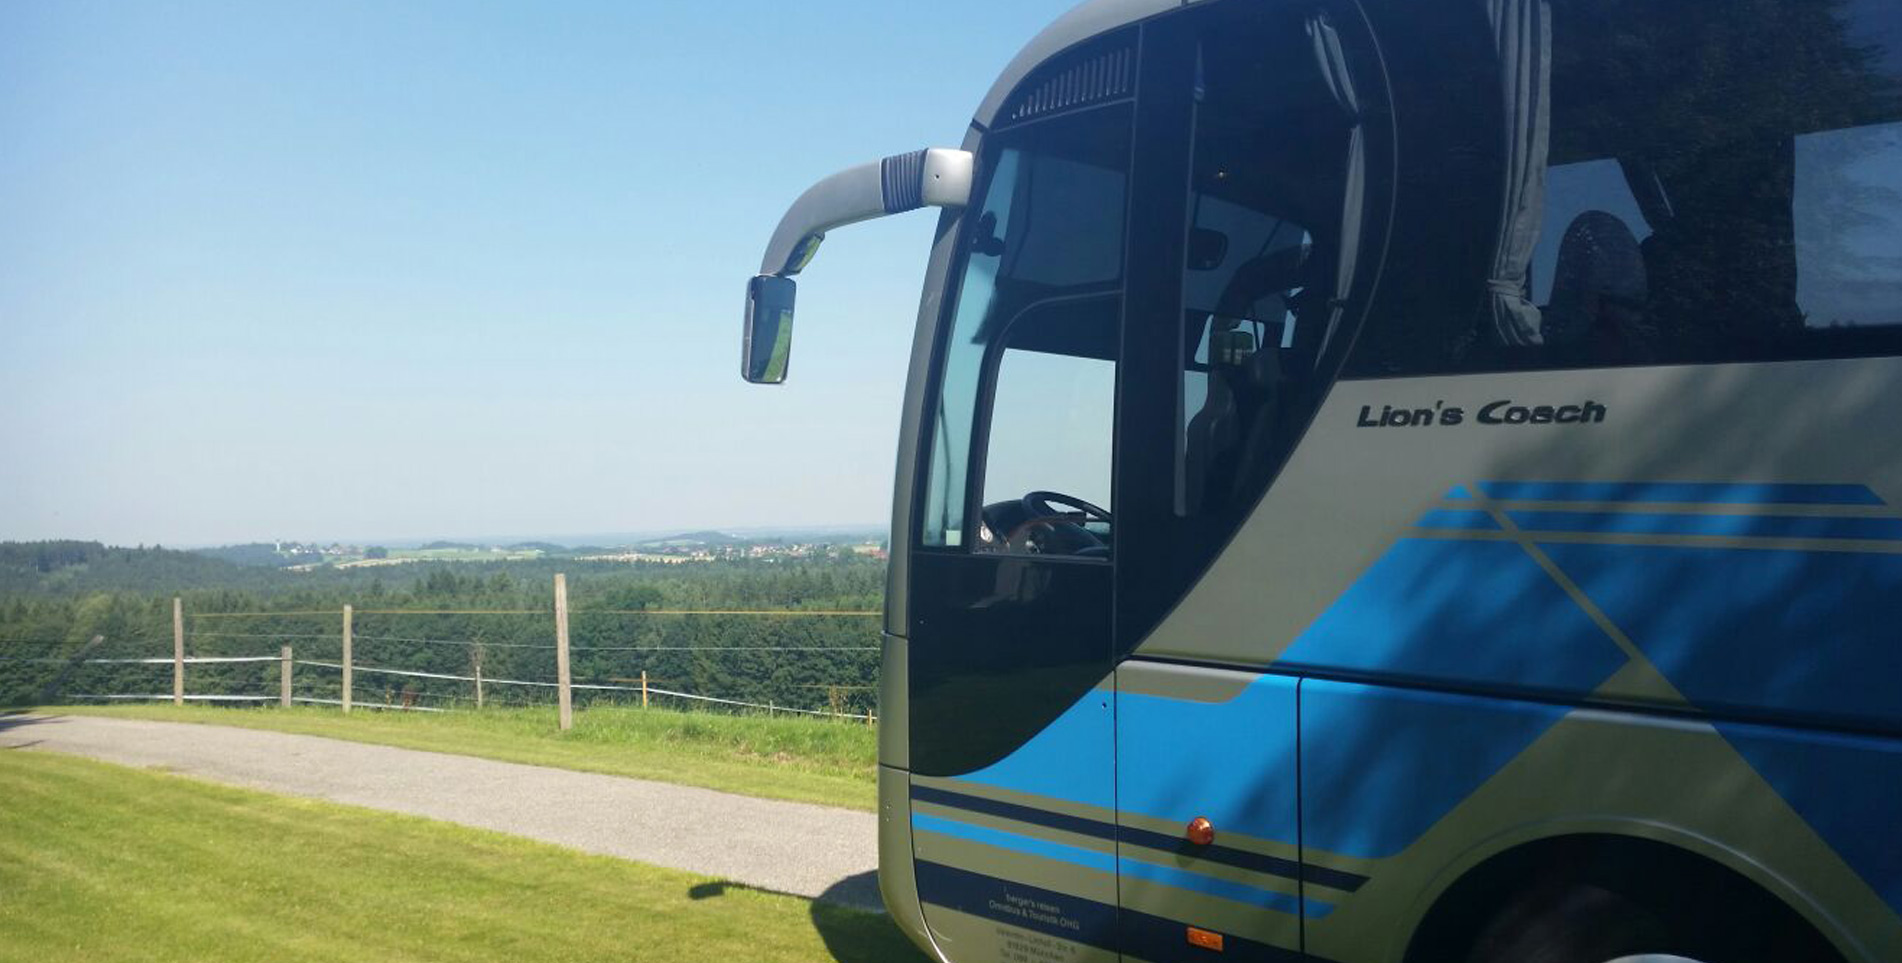 Ausflüge mit berger's reisen Omnibus & Touristik oHG - Ihrem Bus- und Reiseunternehmen im Münchner Osten